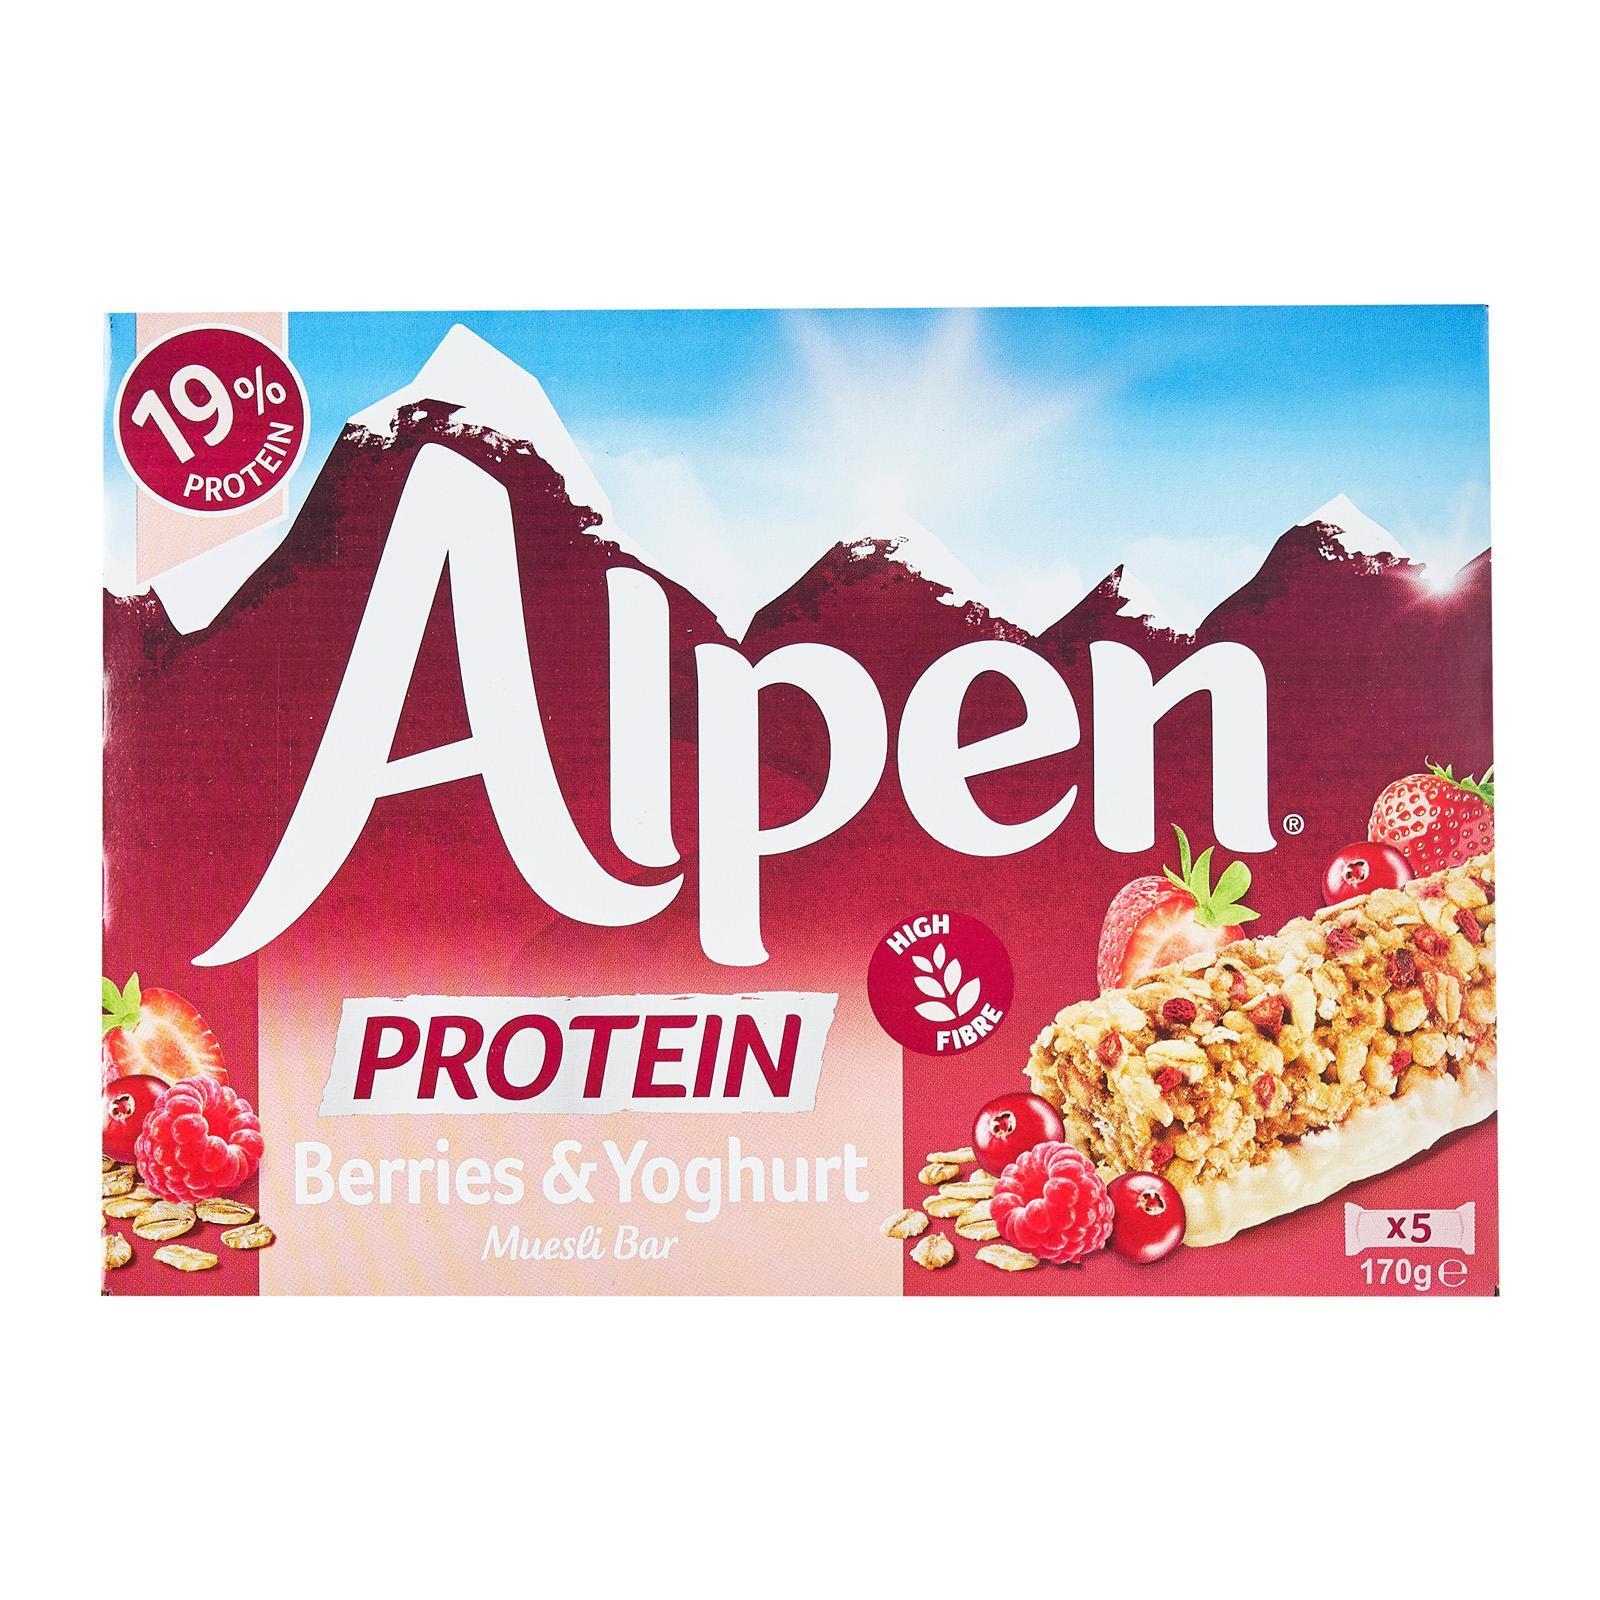 Alpen Berries Yoghurt Protein Bars